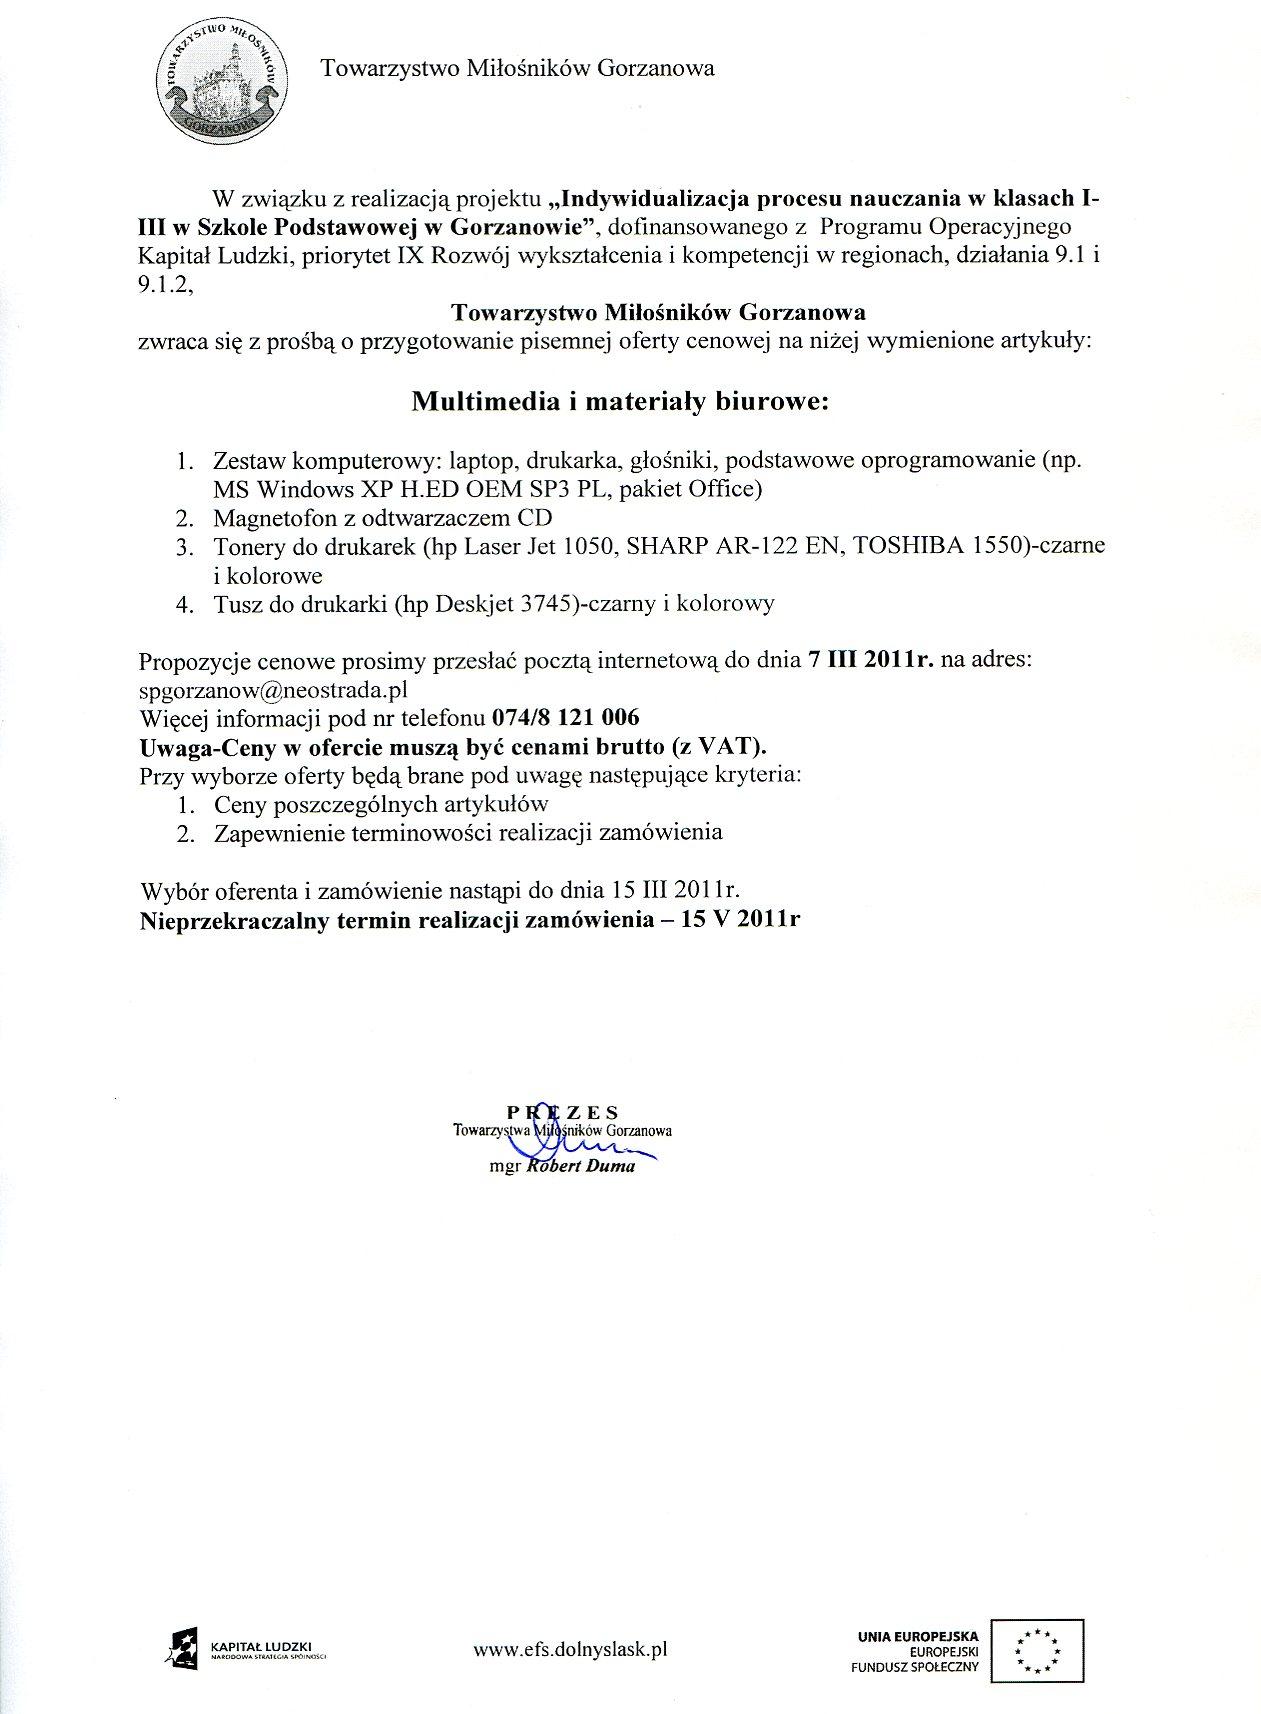 2011.03.07 zapytanie_ofertowe_multimedia imaterialy biurowe